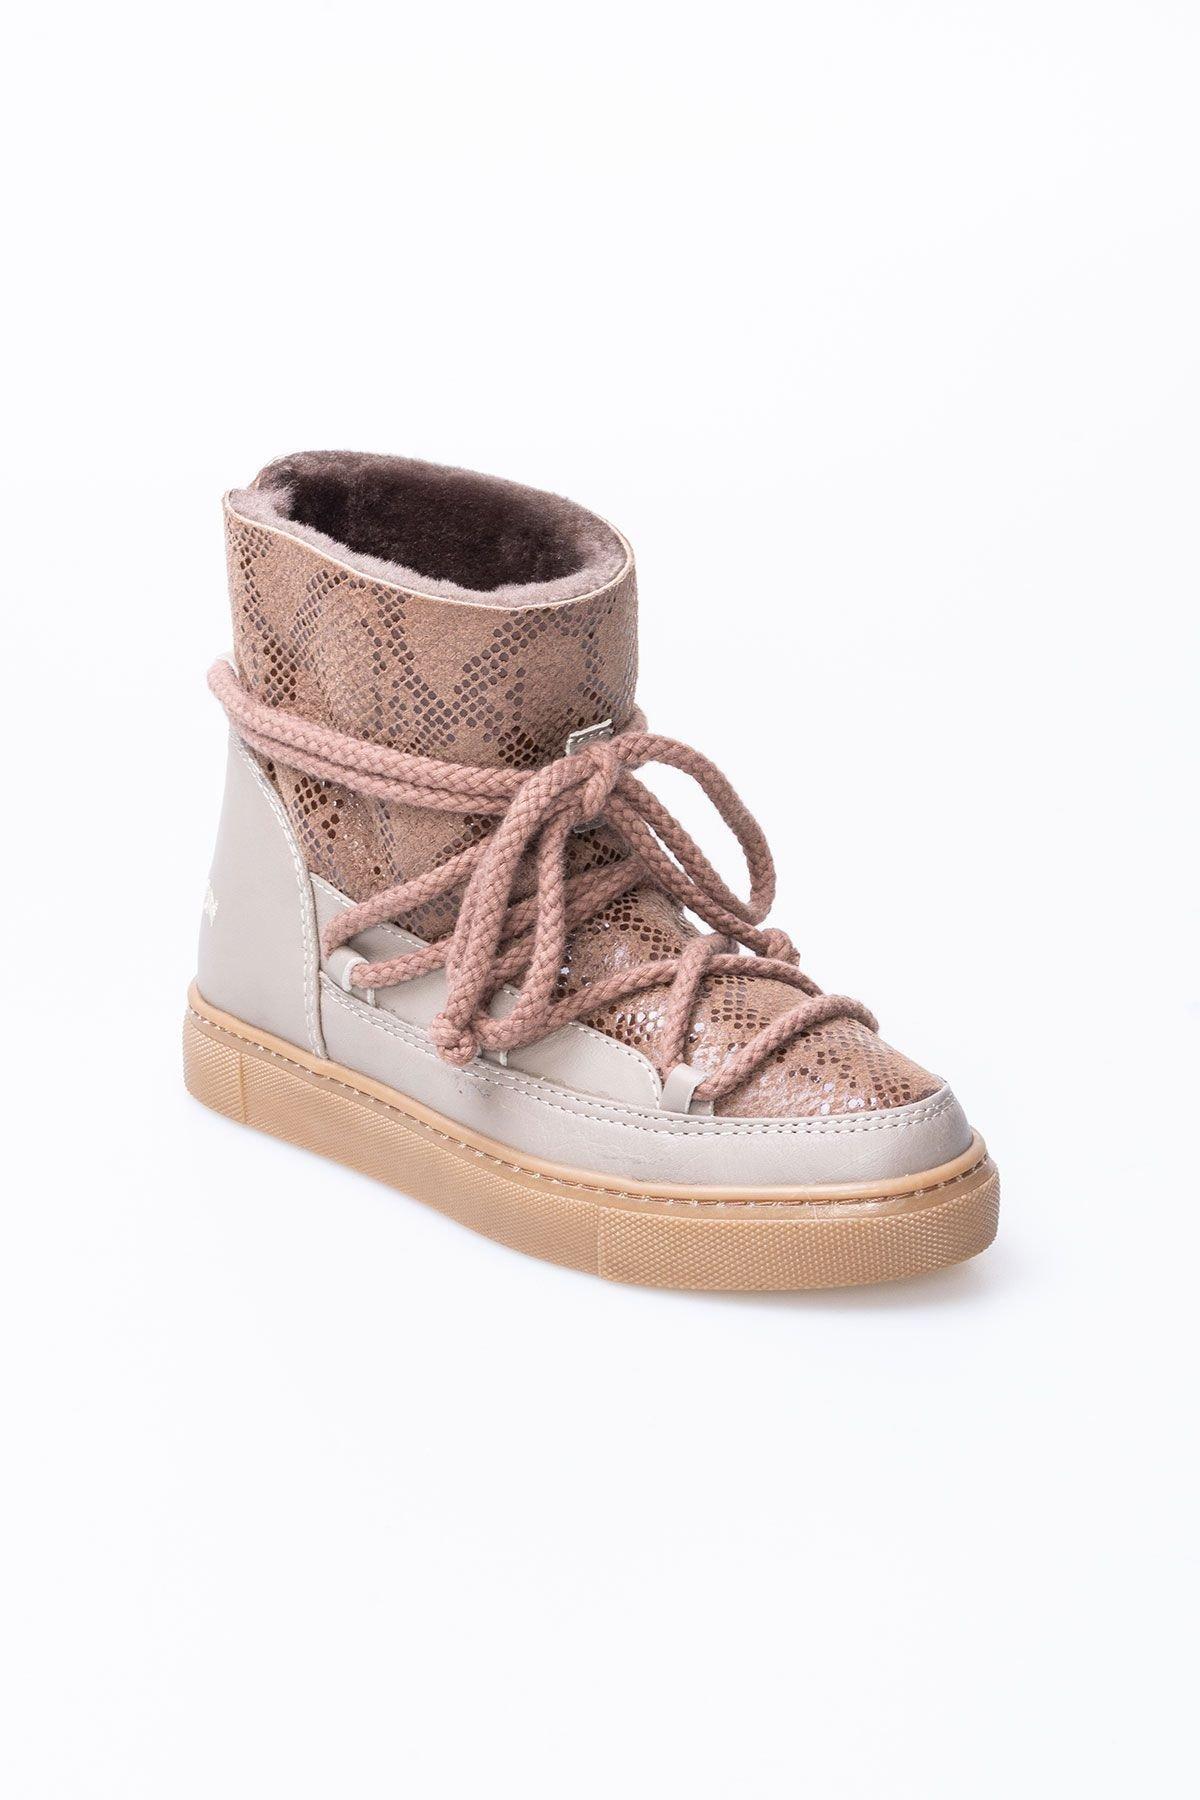 Cool Moon Hakiki Kürk Yılan Desen Bayan Sneaker 355012 Bej